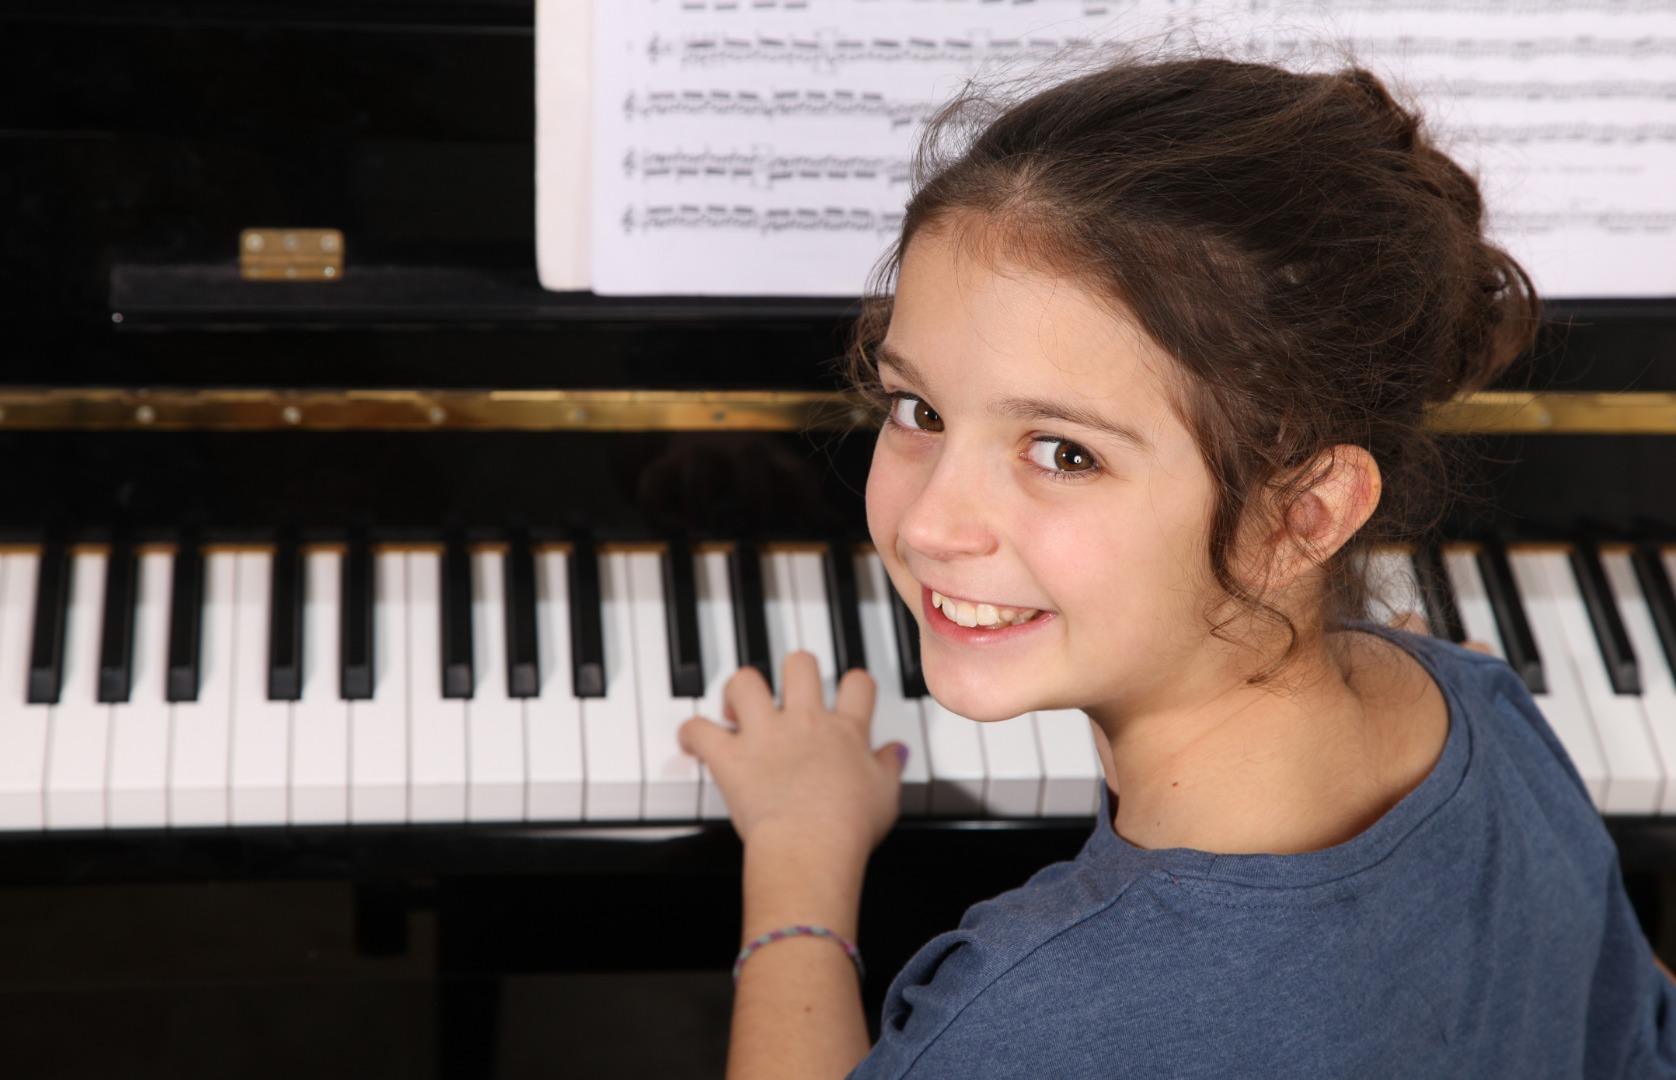 Музыкальная школа: нюансы выбора